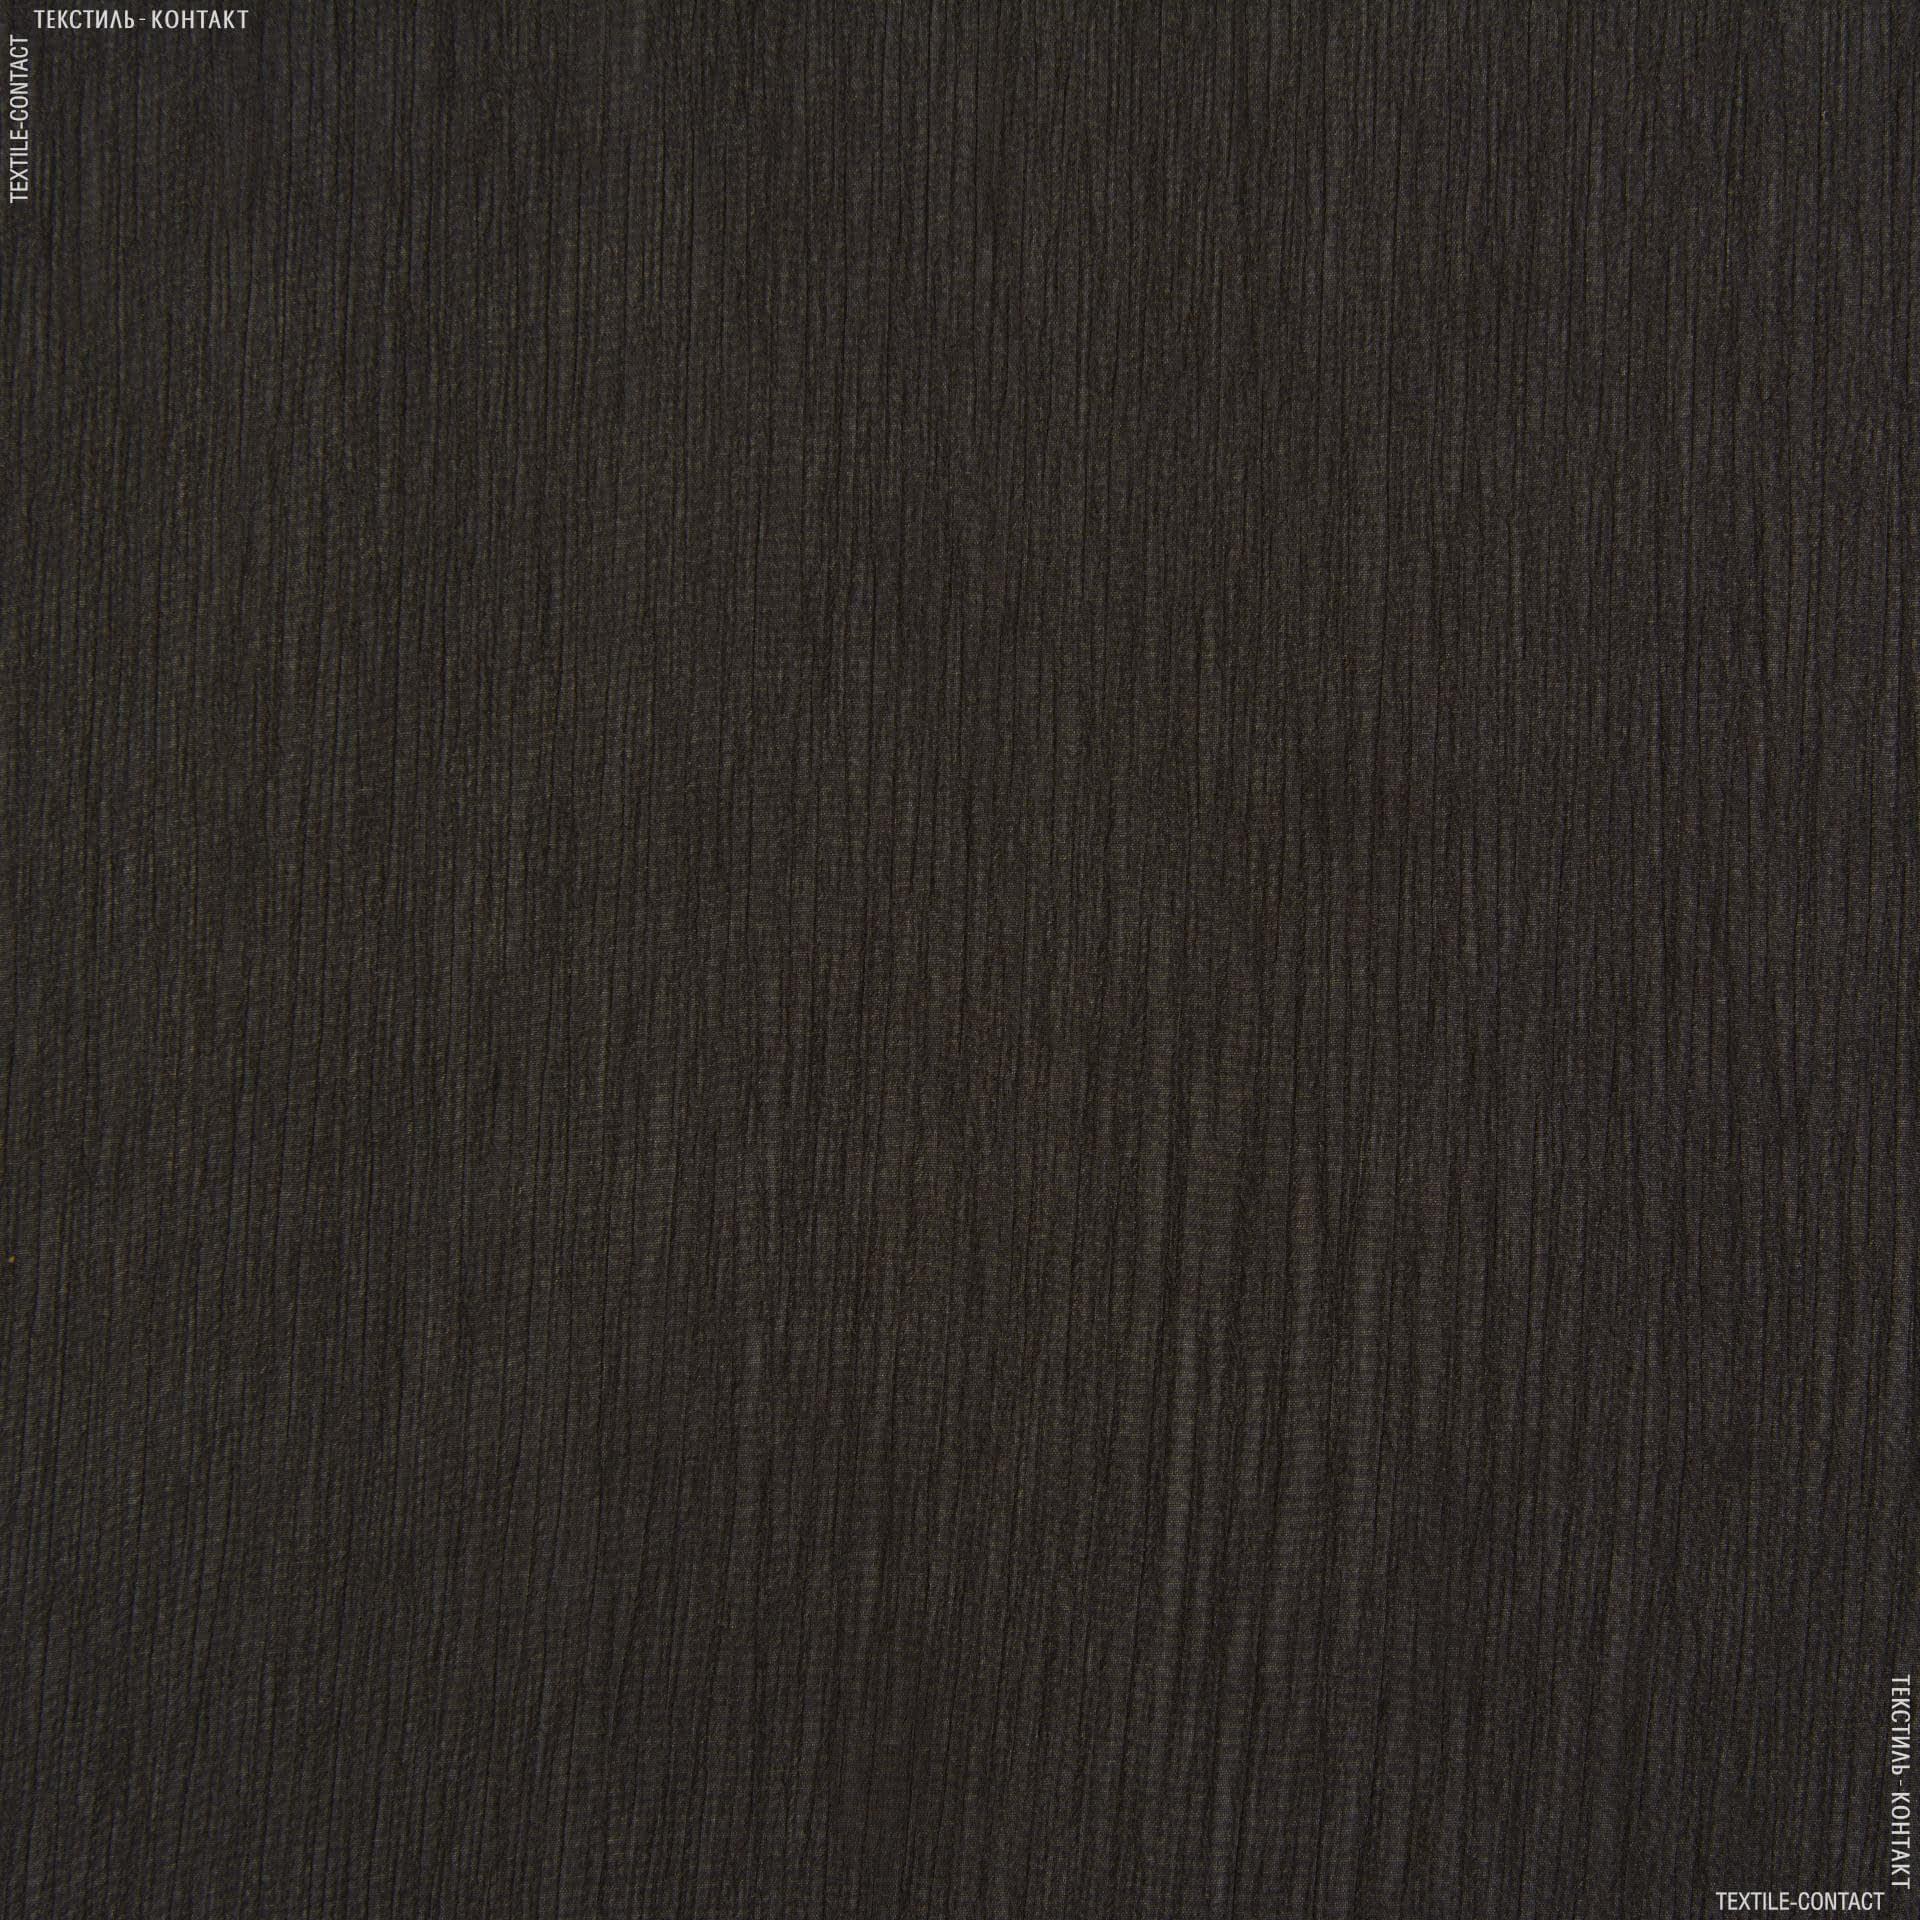 Тканини для хусток та бандан - Шифон євро чорно-коричневий